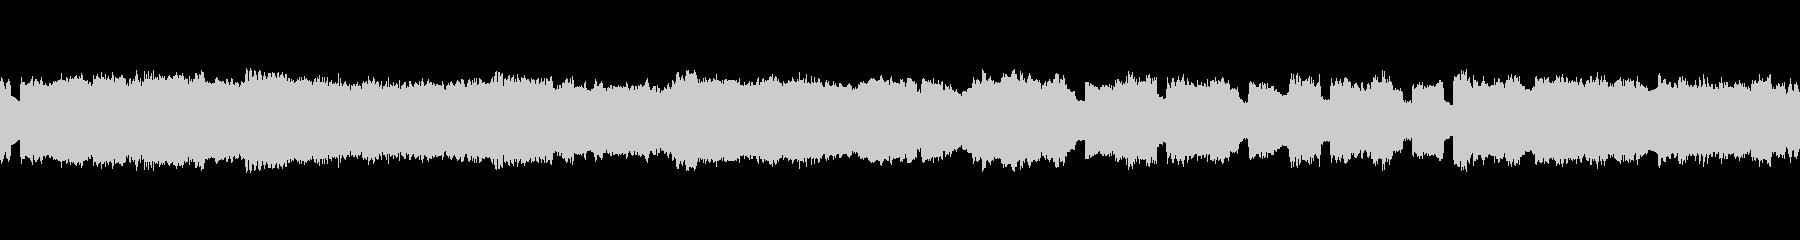 ファミコン風レトロRPG-城の未再生の波形